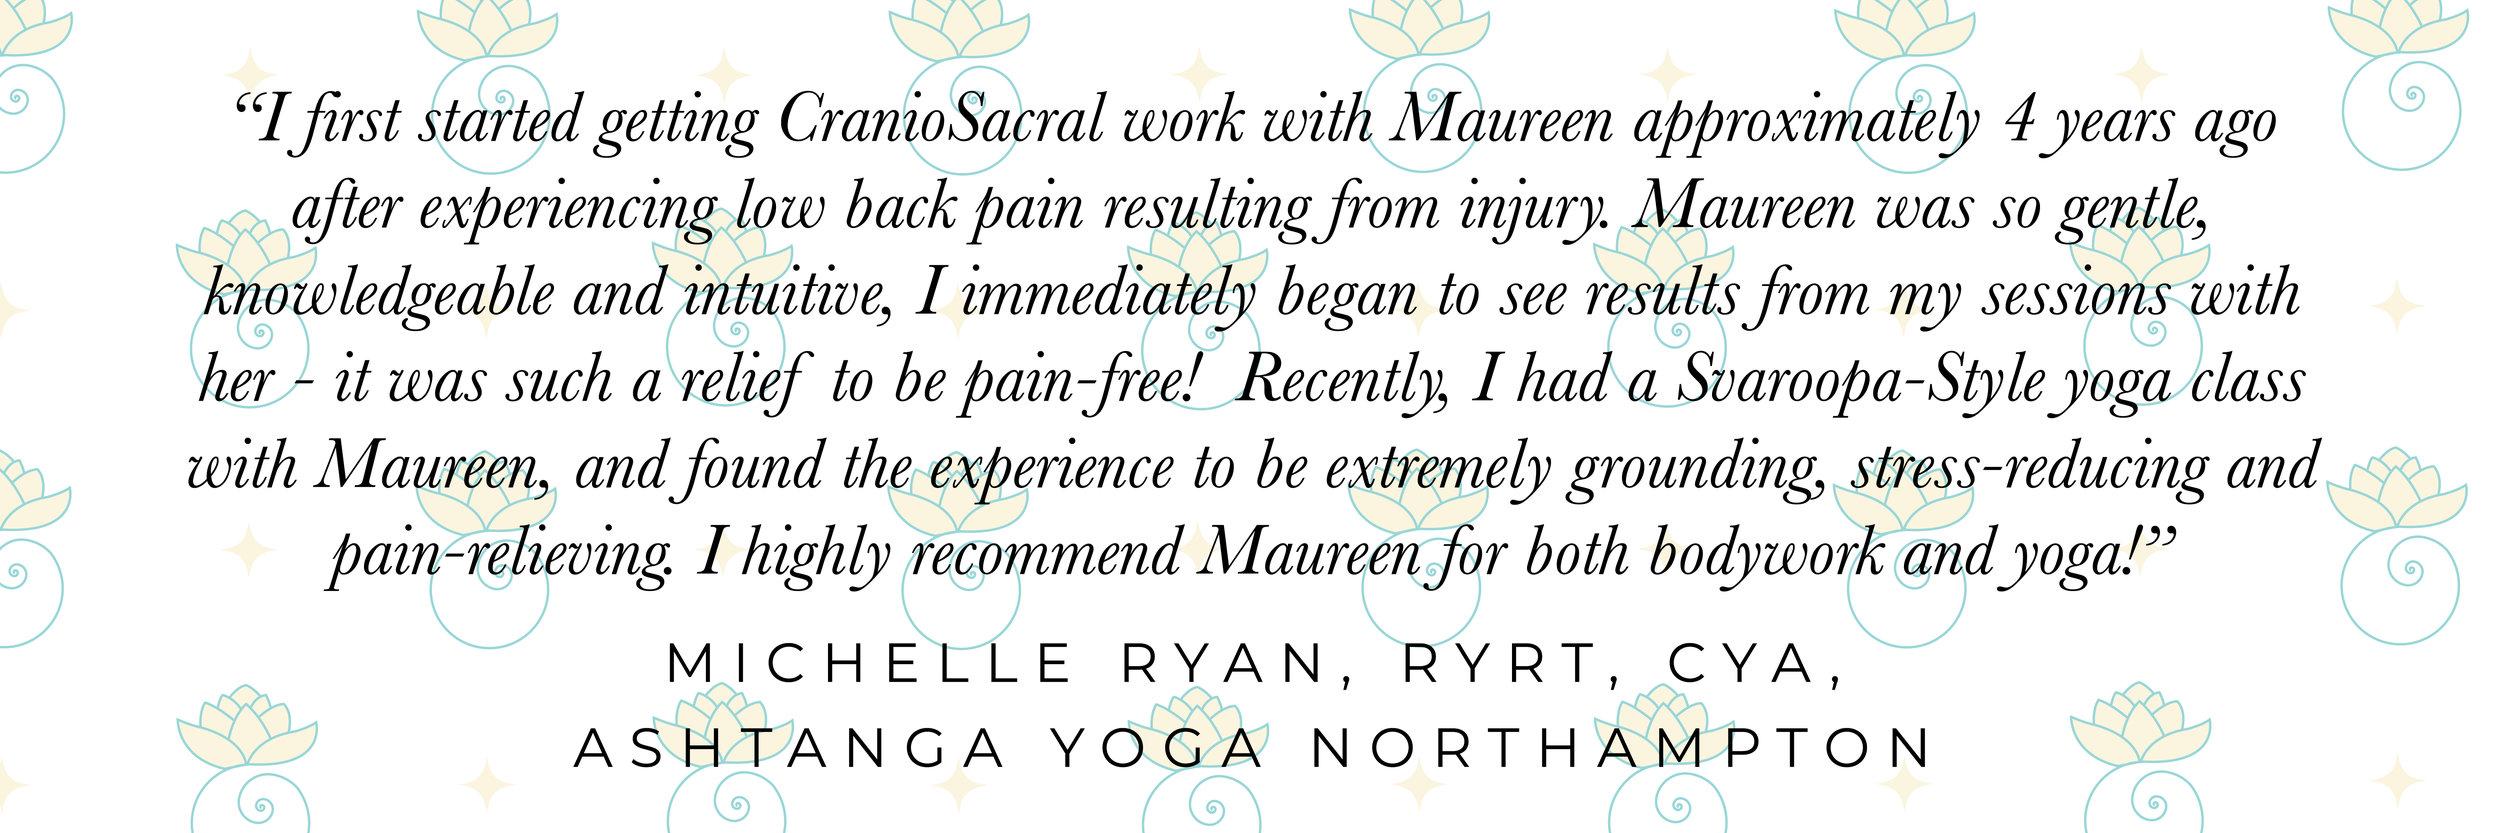 Yoga Quote 3-09.jpg